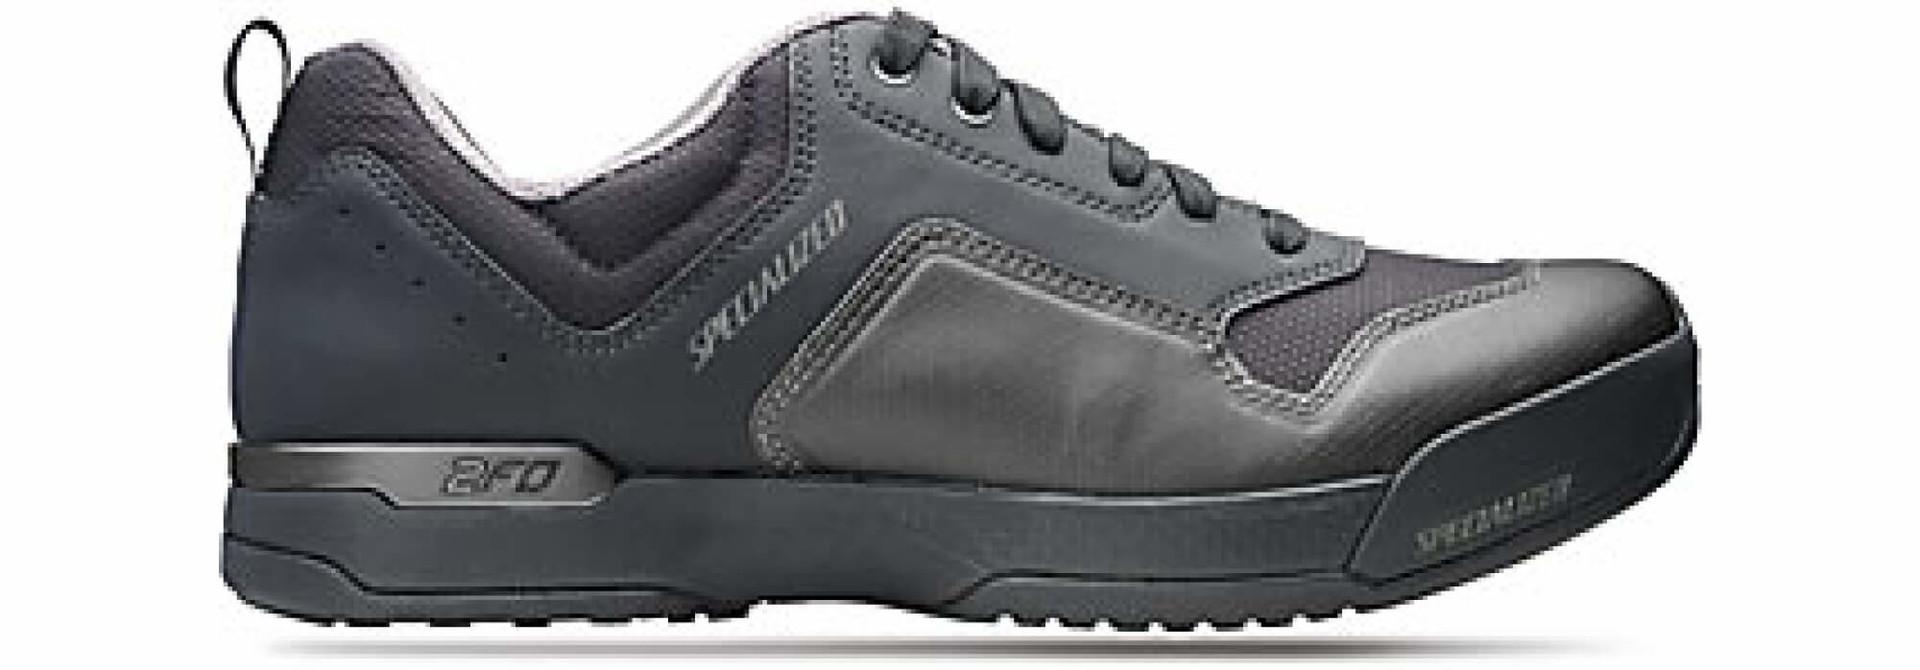 2FO Cliplite Lace MTB Shoe Blk 45 Size: 45